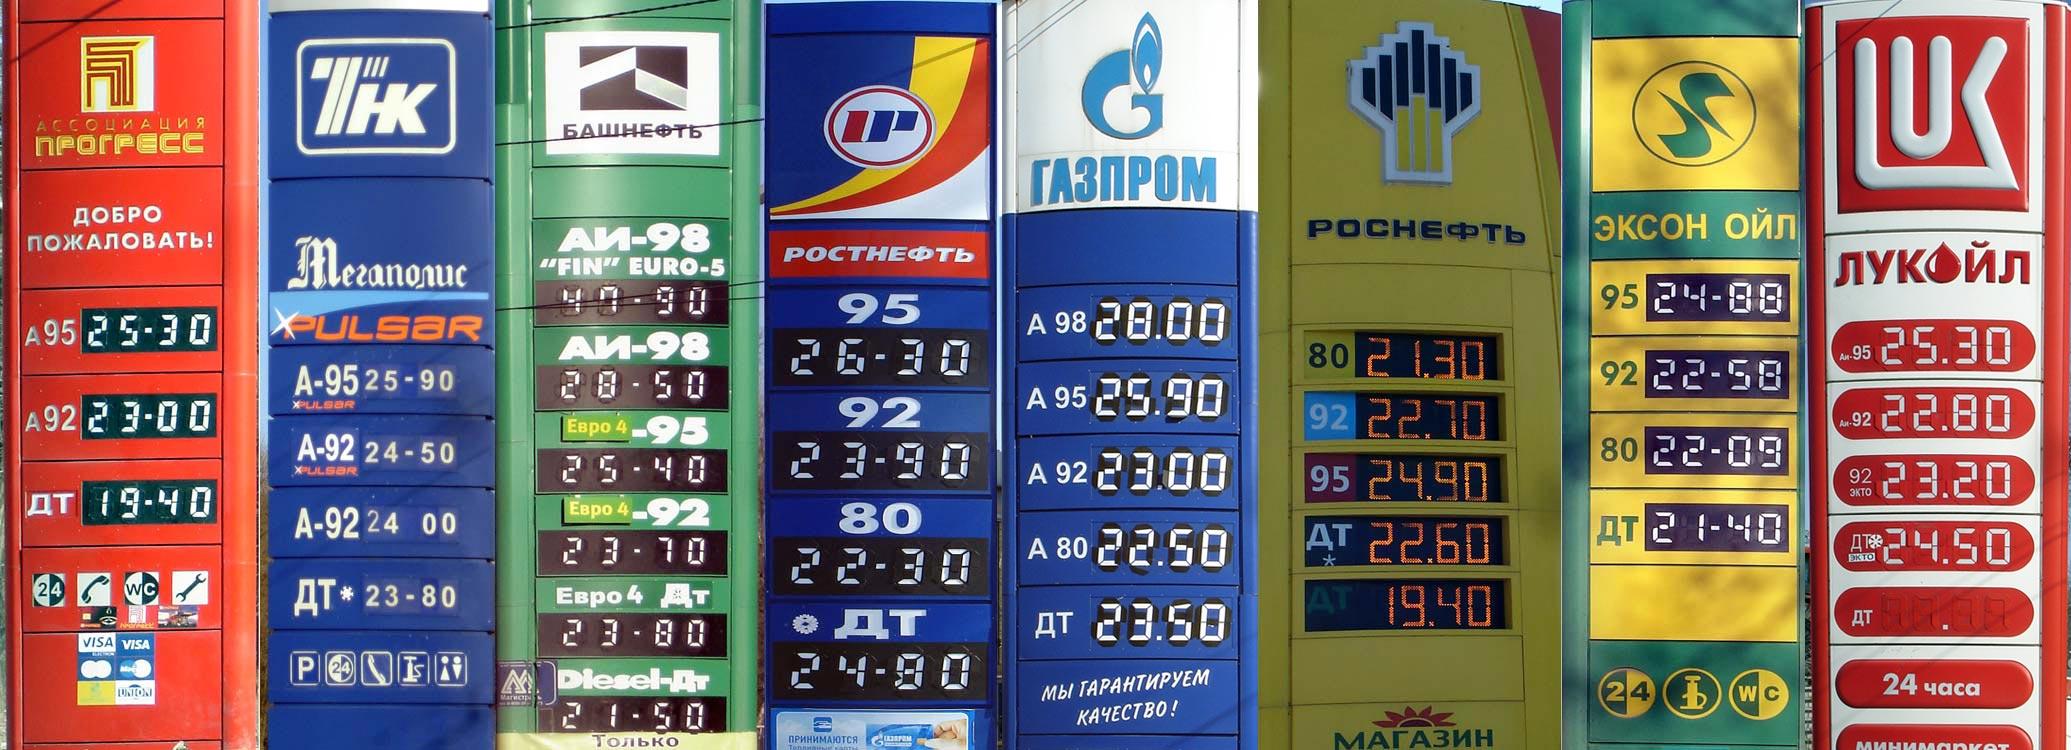 движения городского стоимость бензина в г сочи сегодня аэропорт федерального значения